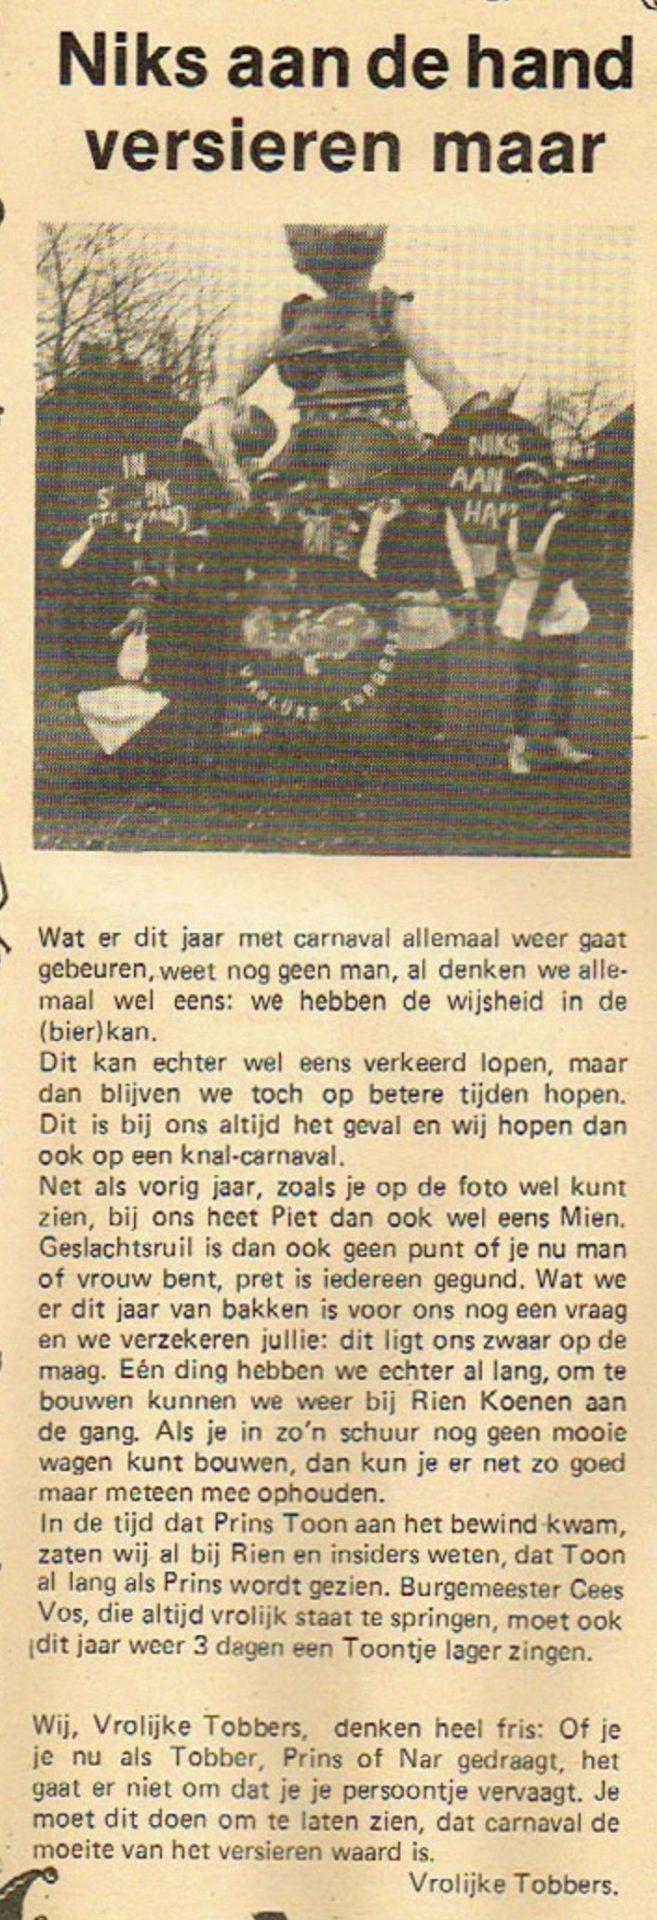 Stukje uit de carnavalskrant van De Vrolukke Tobbers - 1982